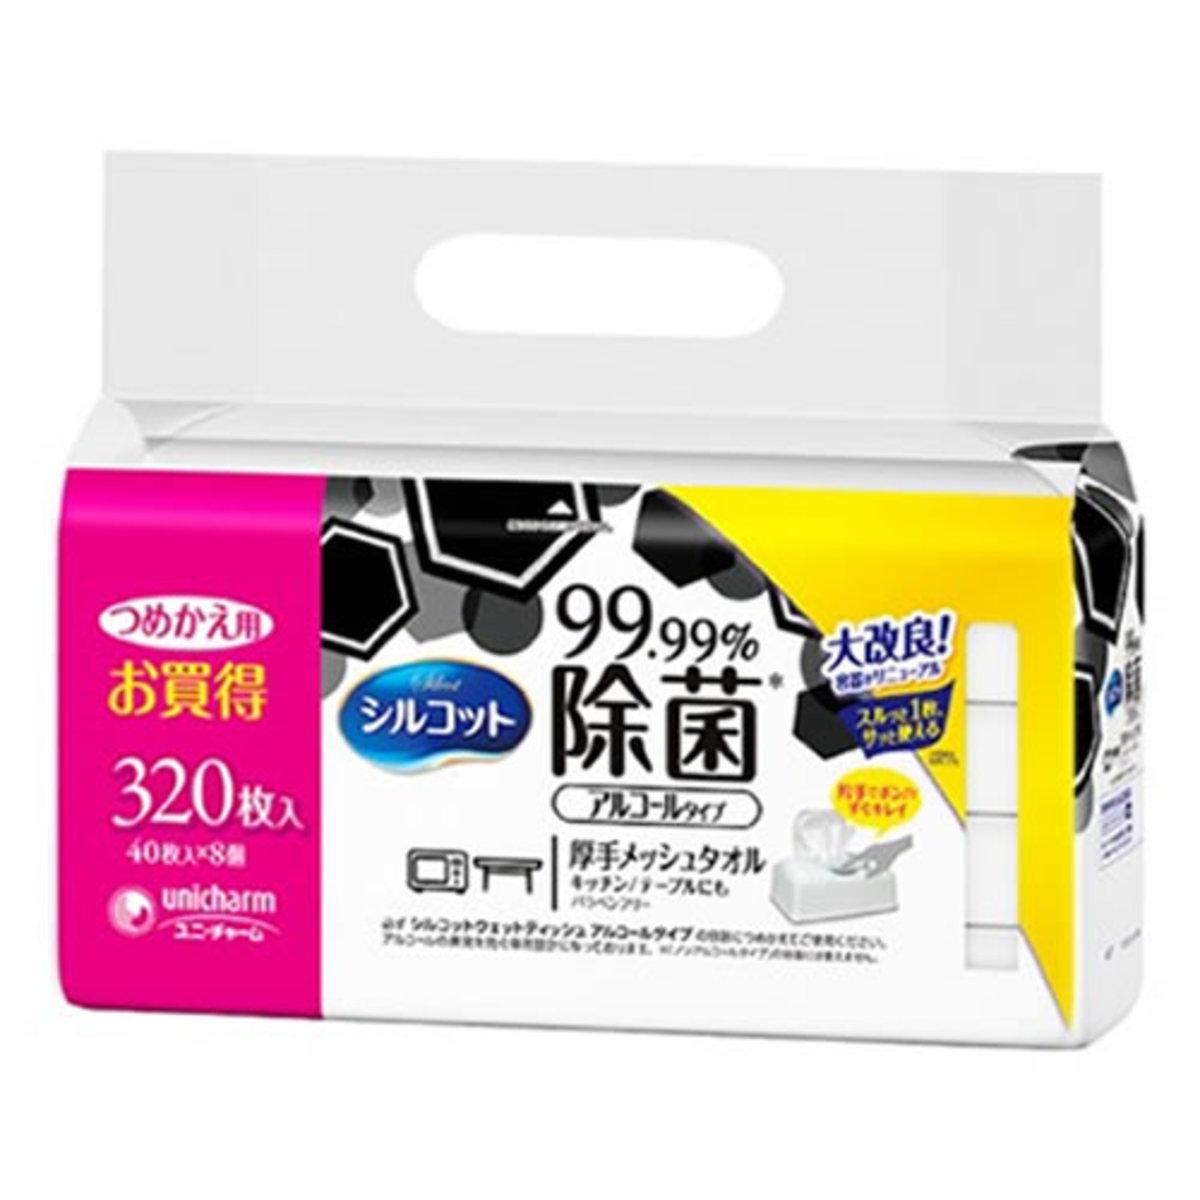 99.99%除菌濕紙巾(40片 x 8) (平行進口貨品)